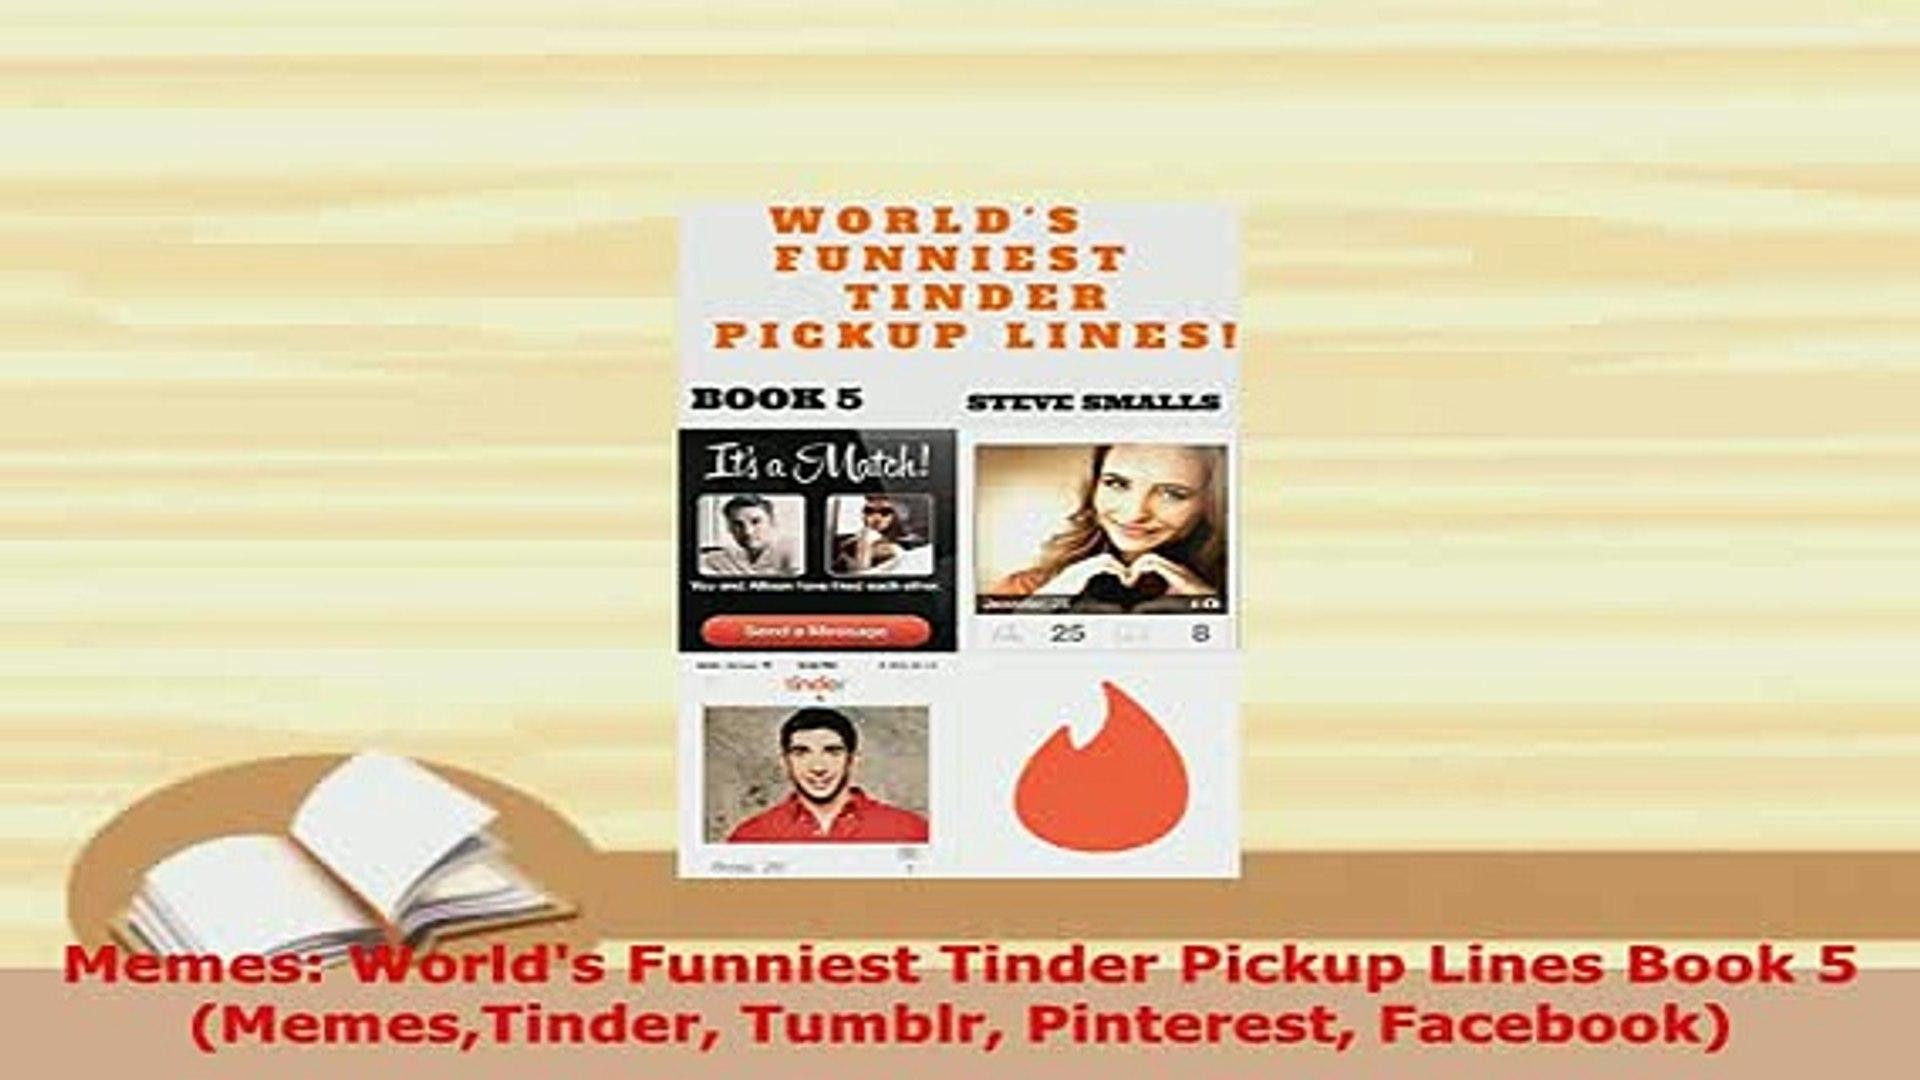 Download Memes Worlds Funniest Tinder Pickup Lines Book 5 MemesTinder  Tumblr Pinterest Facebook Free Books